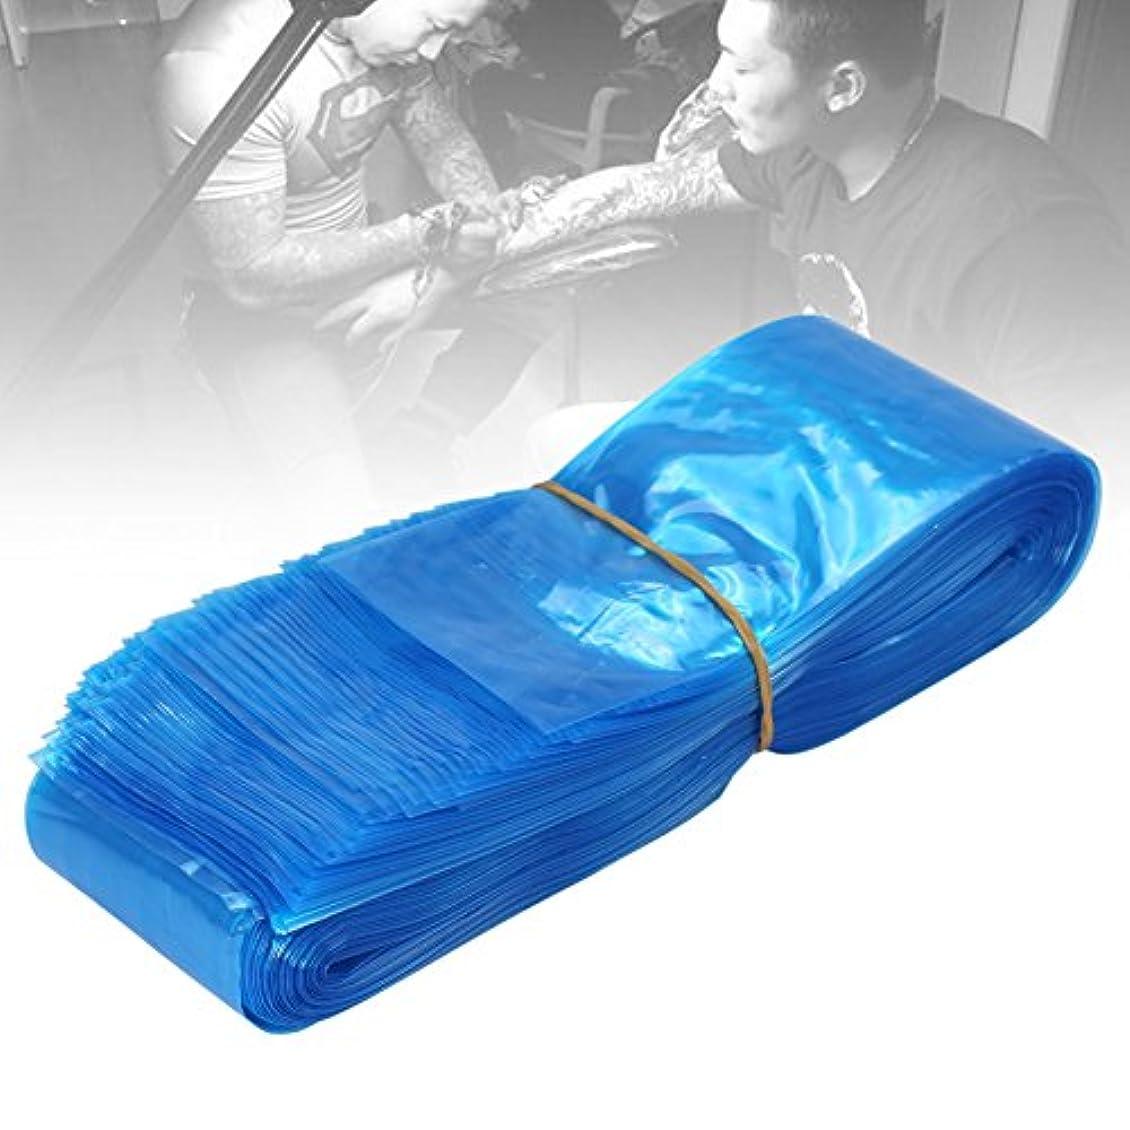 ライナー交通独立100ピース使い捨てプラスチックブルー医療衛生タトゥーマシンクリップコードフックスリーブカバーバッグ